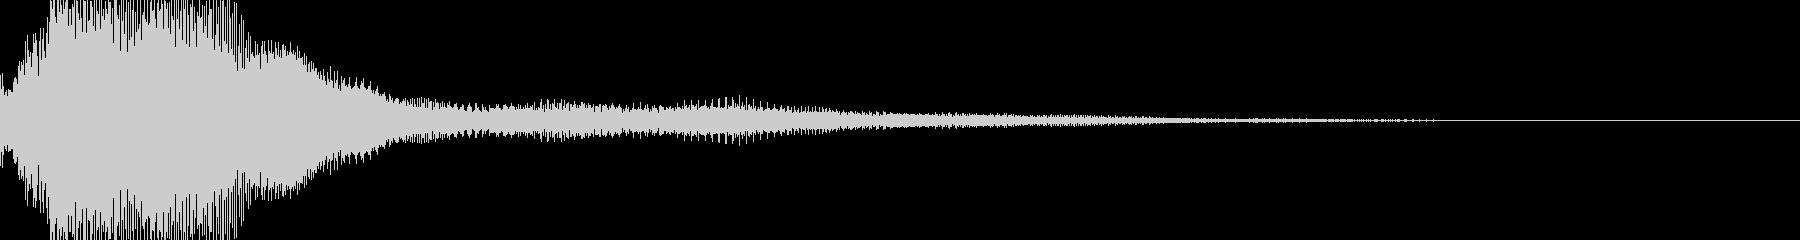 メニュー音の未再生の波形